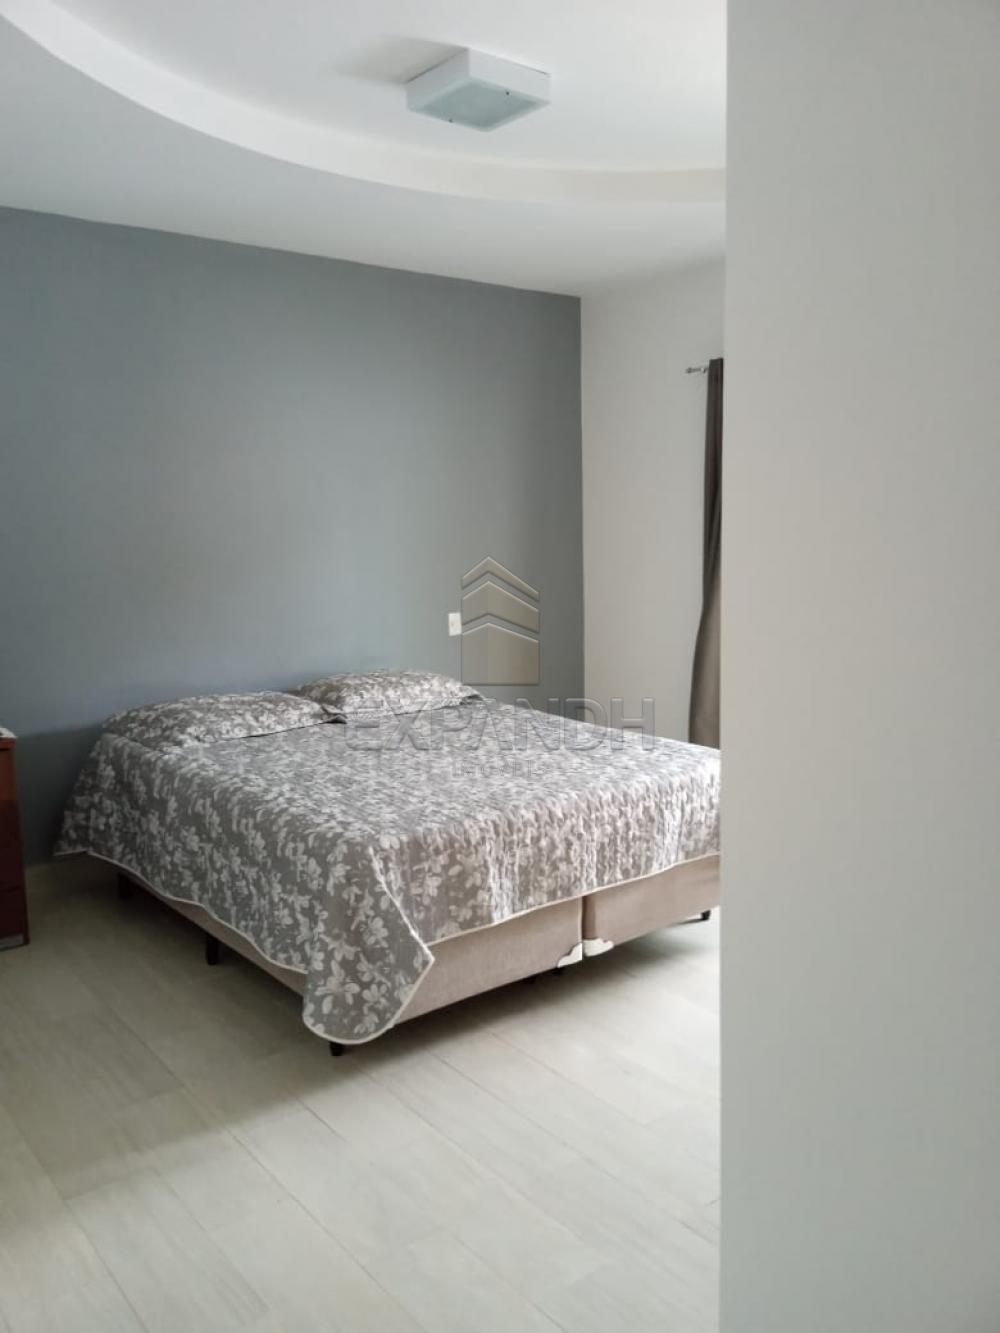 Comprar Casas / Padrão em Sertãozinho R$ 1.380.000,00 - Foto 16